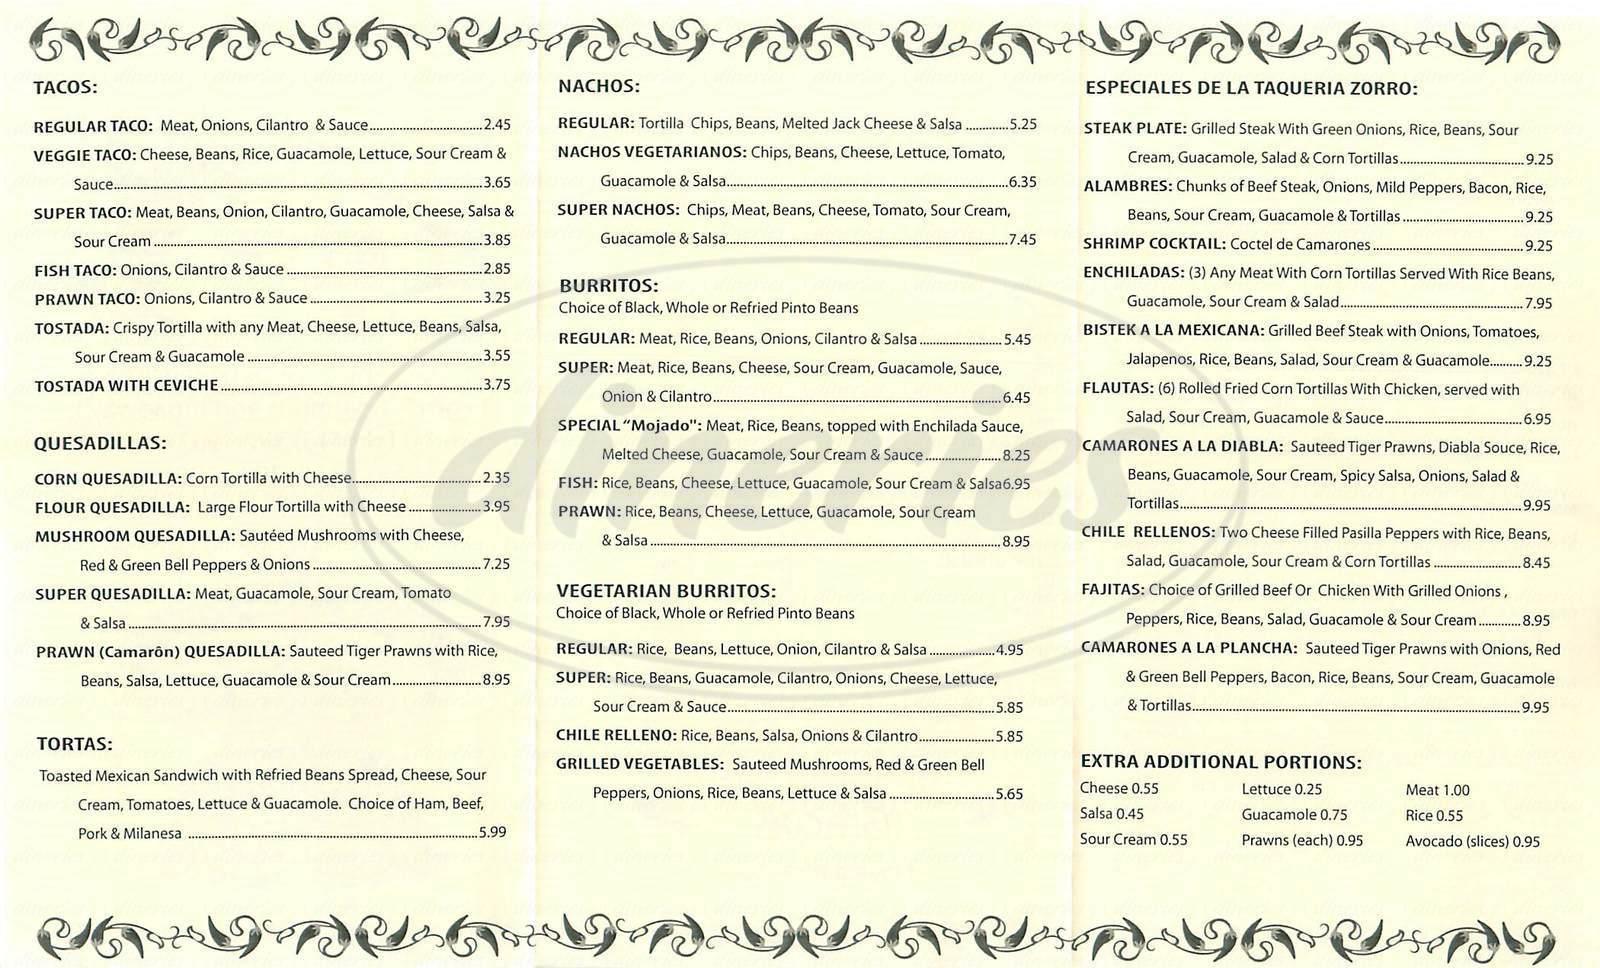 menu for Taqueria Zorro